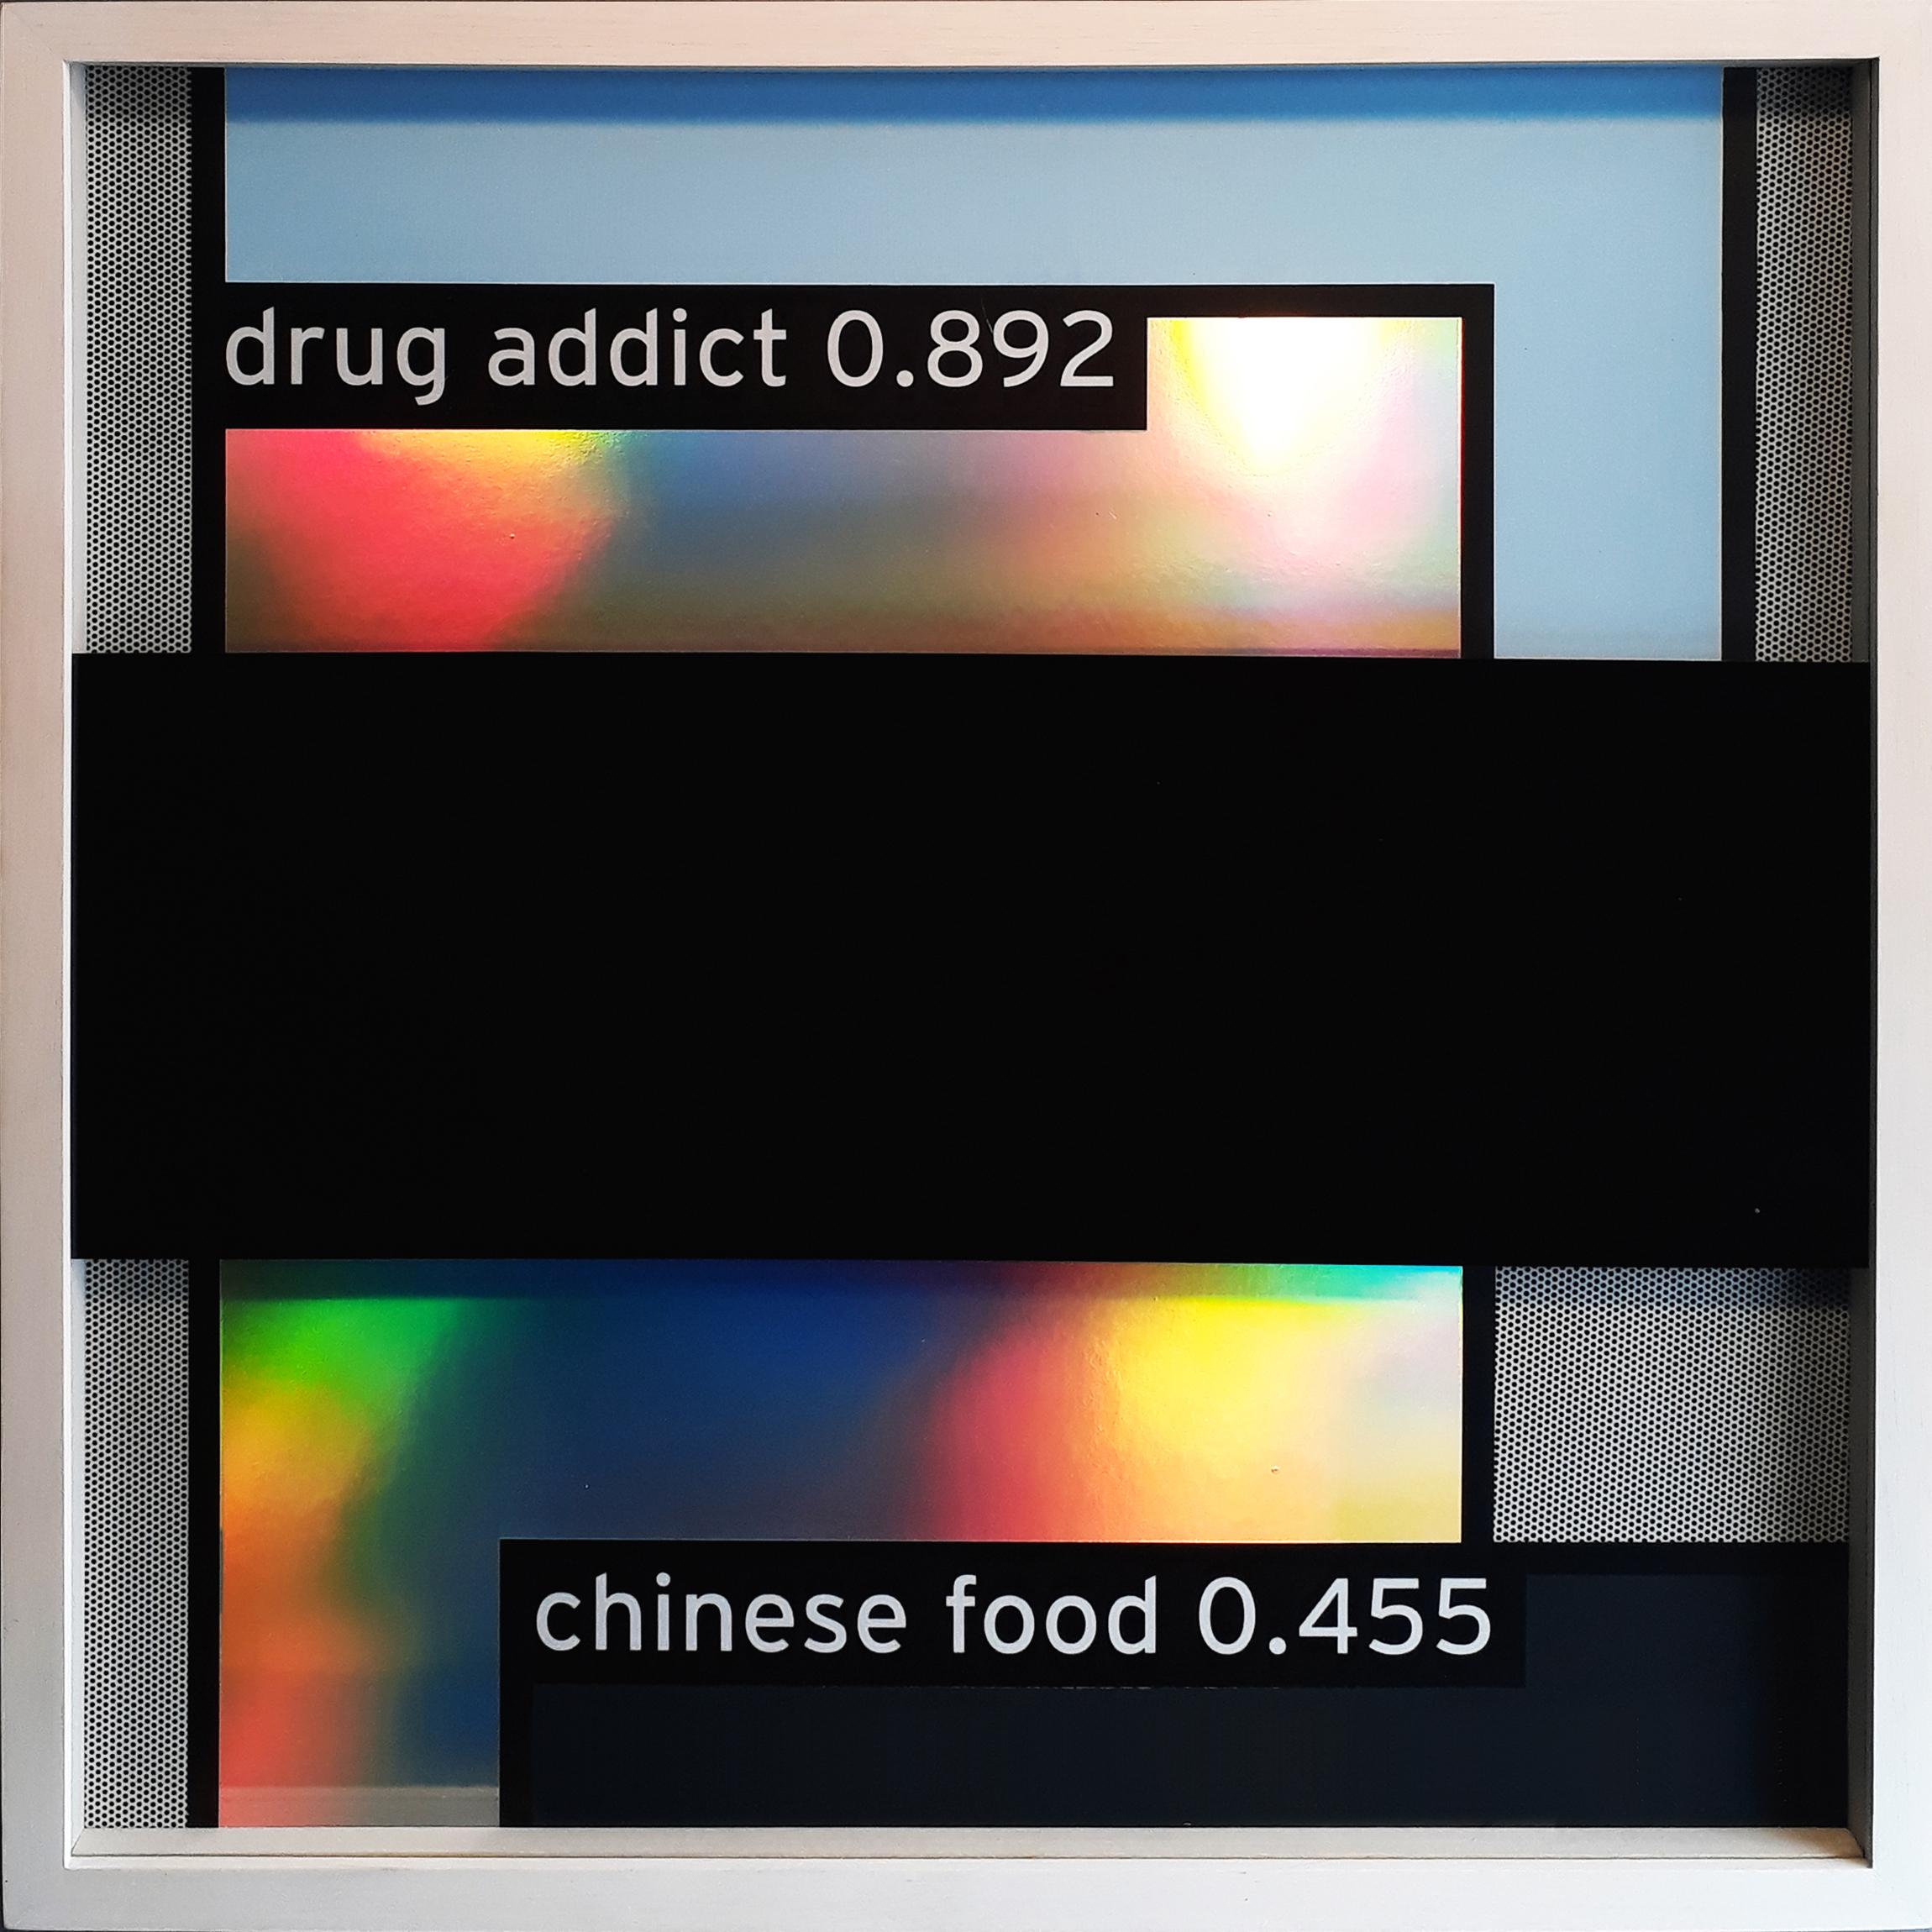 DRUG ADDICT 0.892